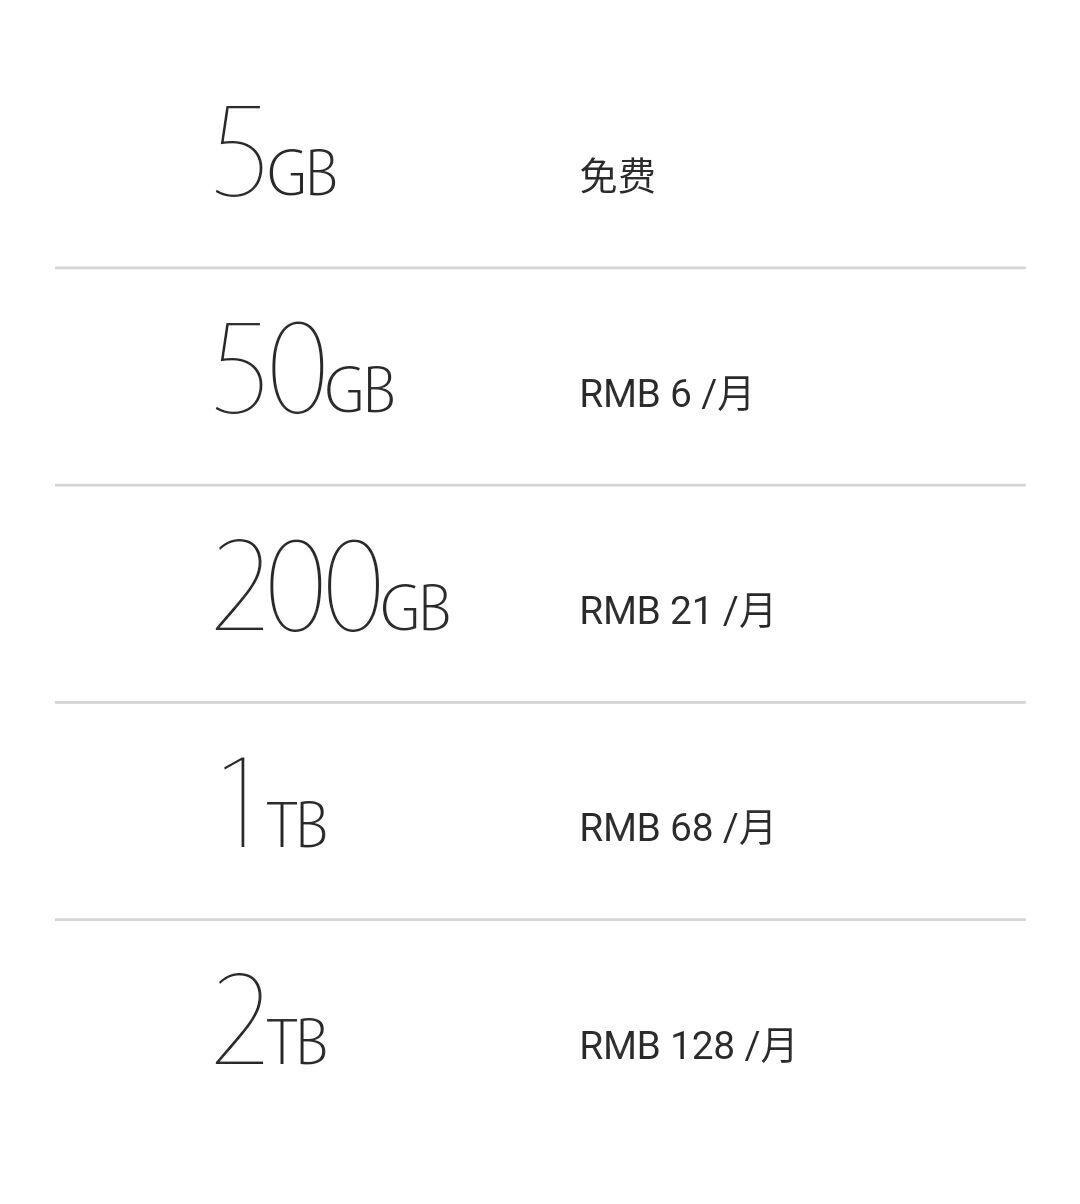 苹果云v苹果相对iCloud有手机和小米?-苹1888的优势劣势图片